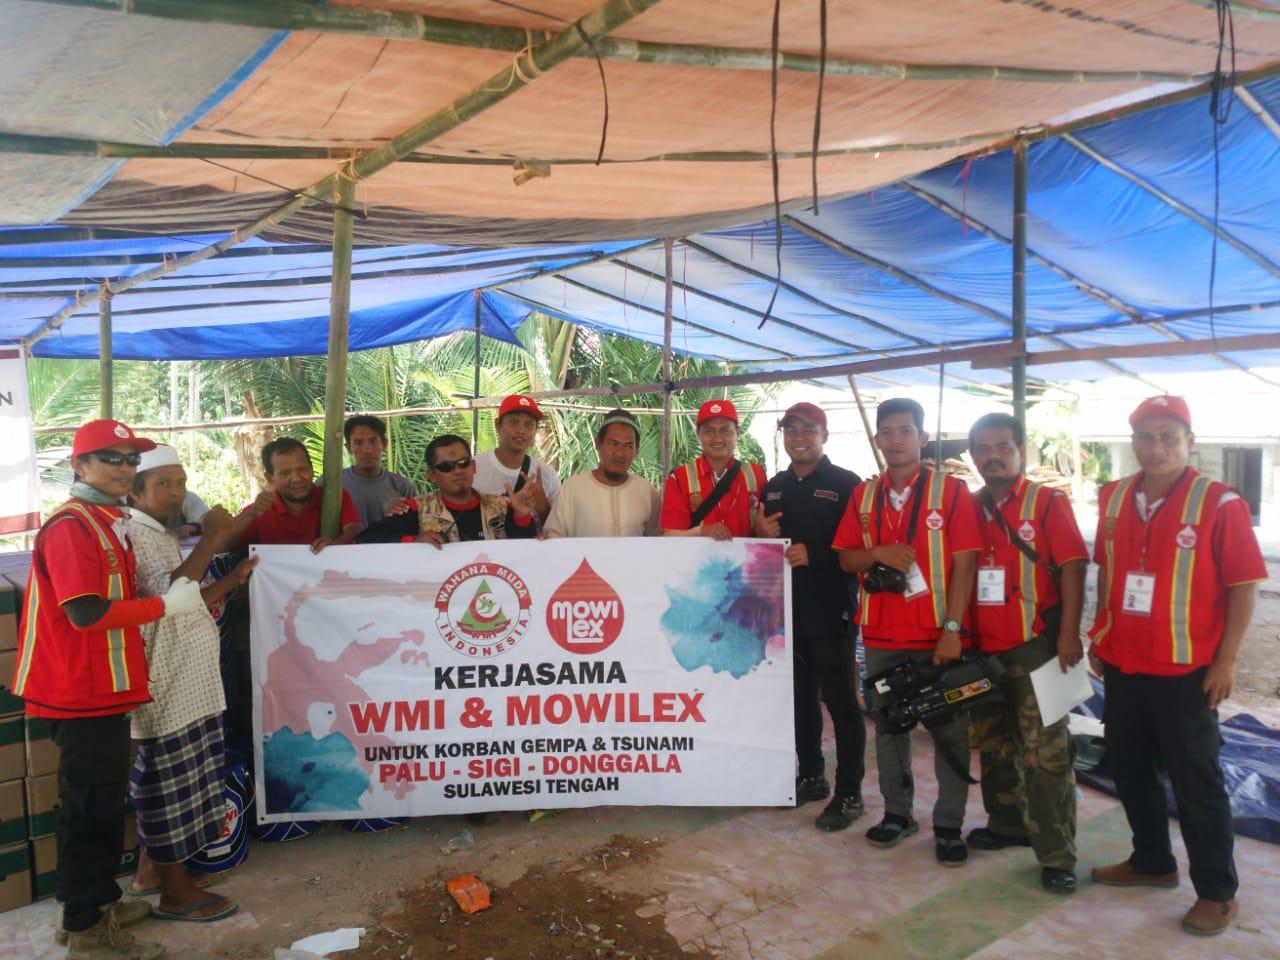 Hasil gambar untuk Mowilex Peduli